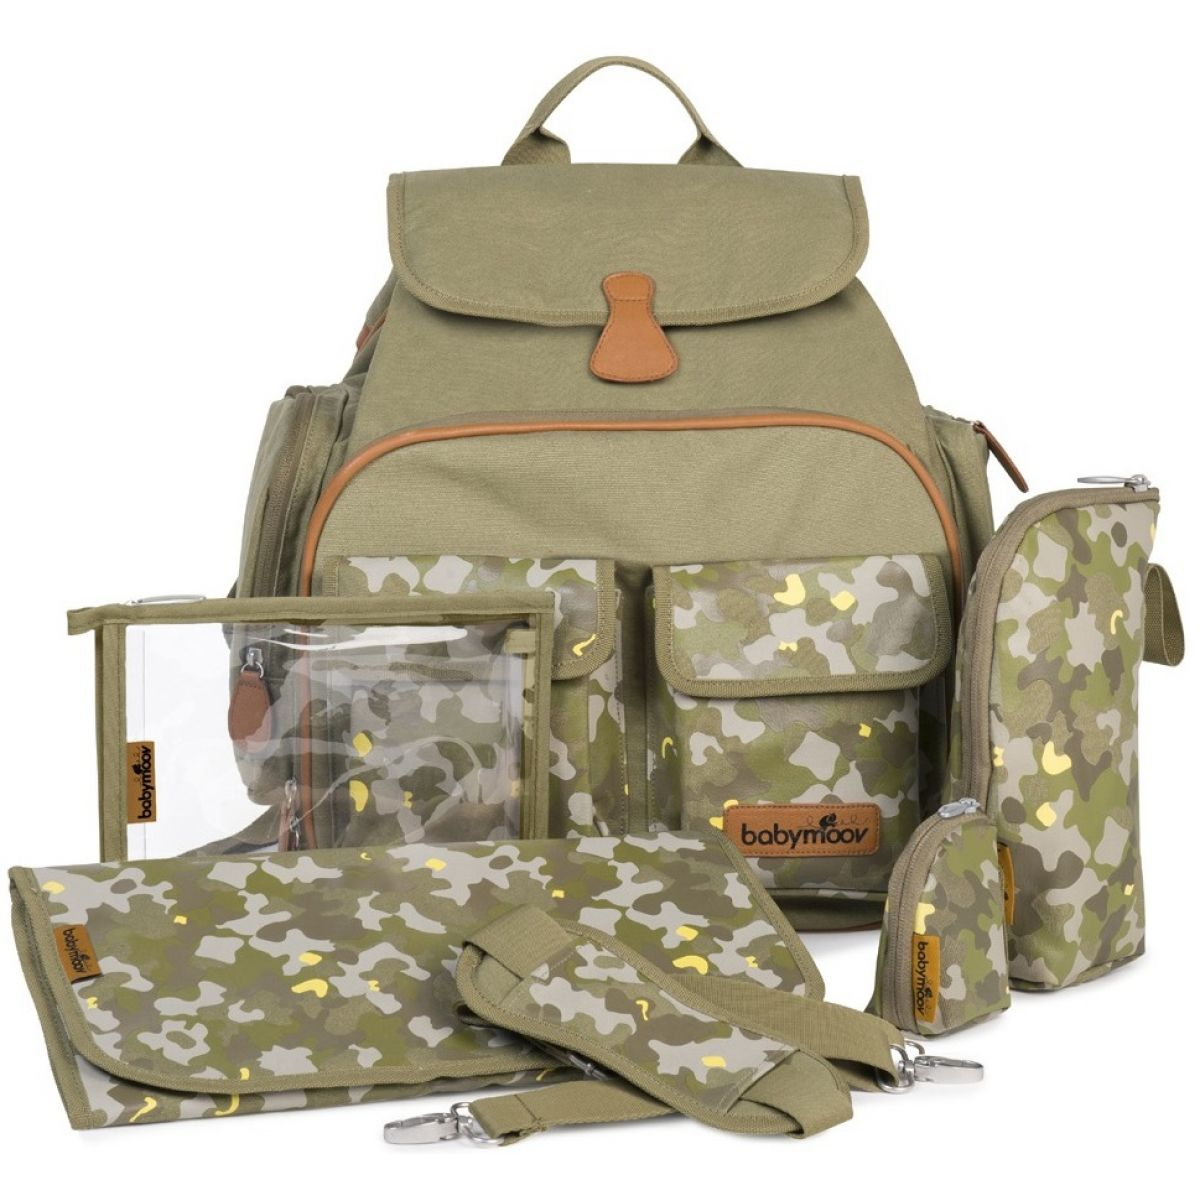 Babymoov Přebalovací batoh Glober Bag Camouflage